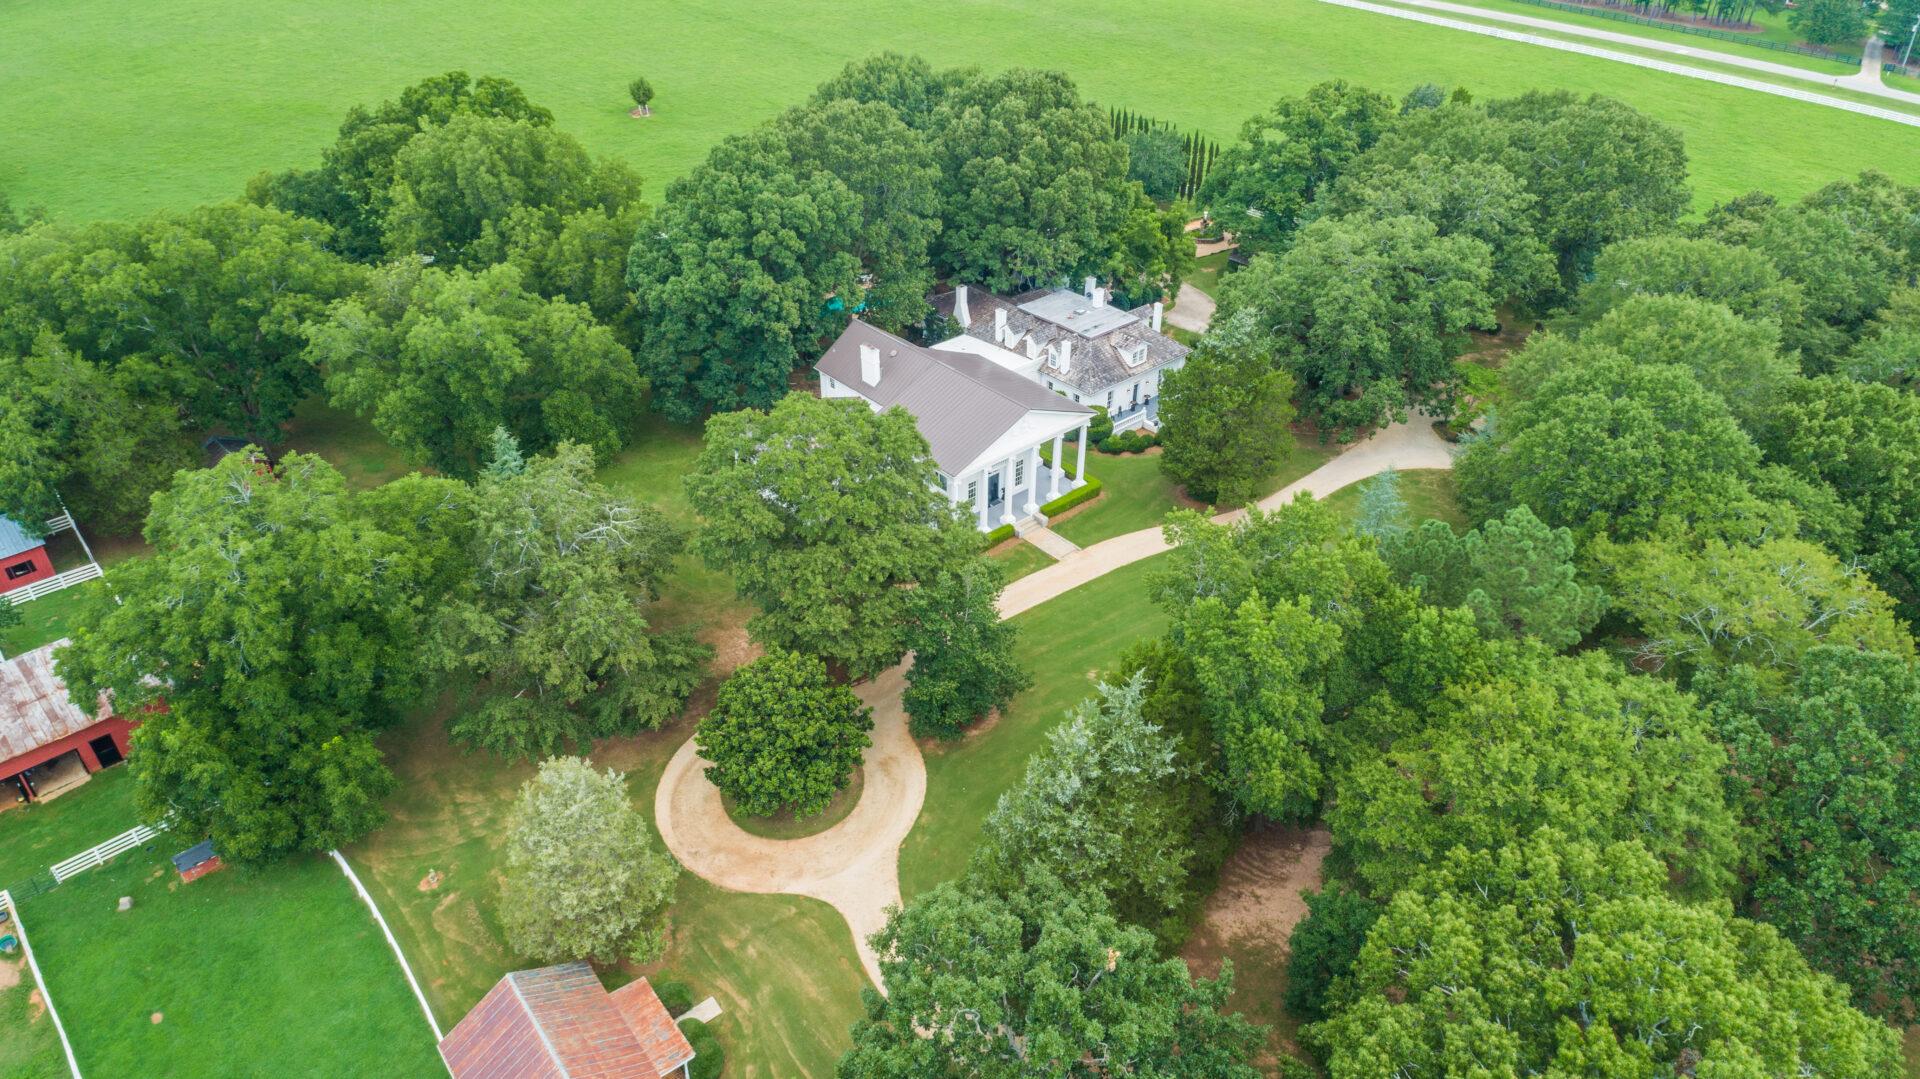 Aerial view of events venue at Serenata Farm in Madison, GA